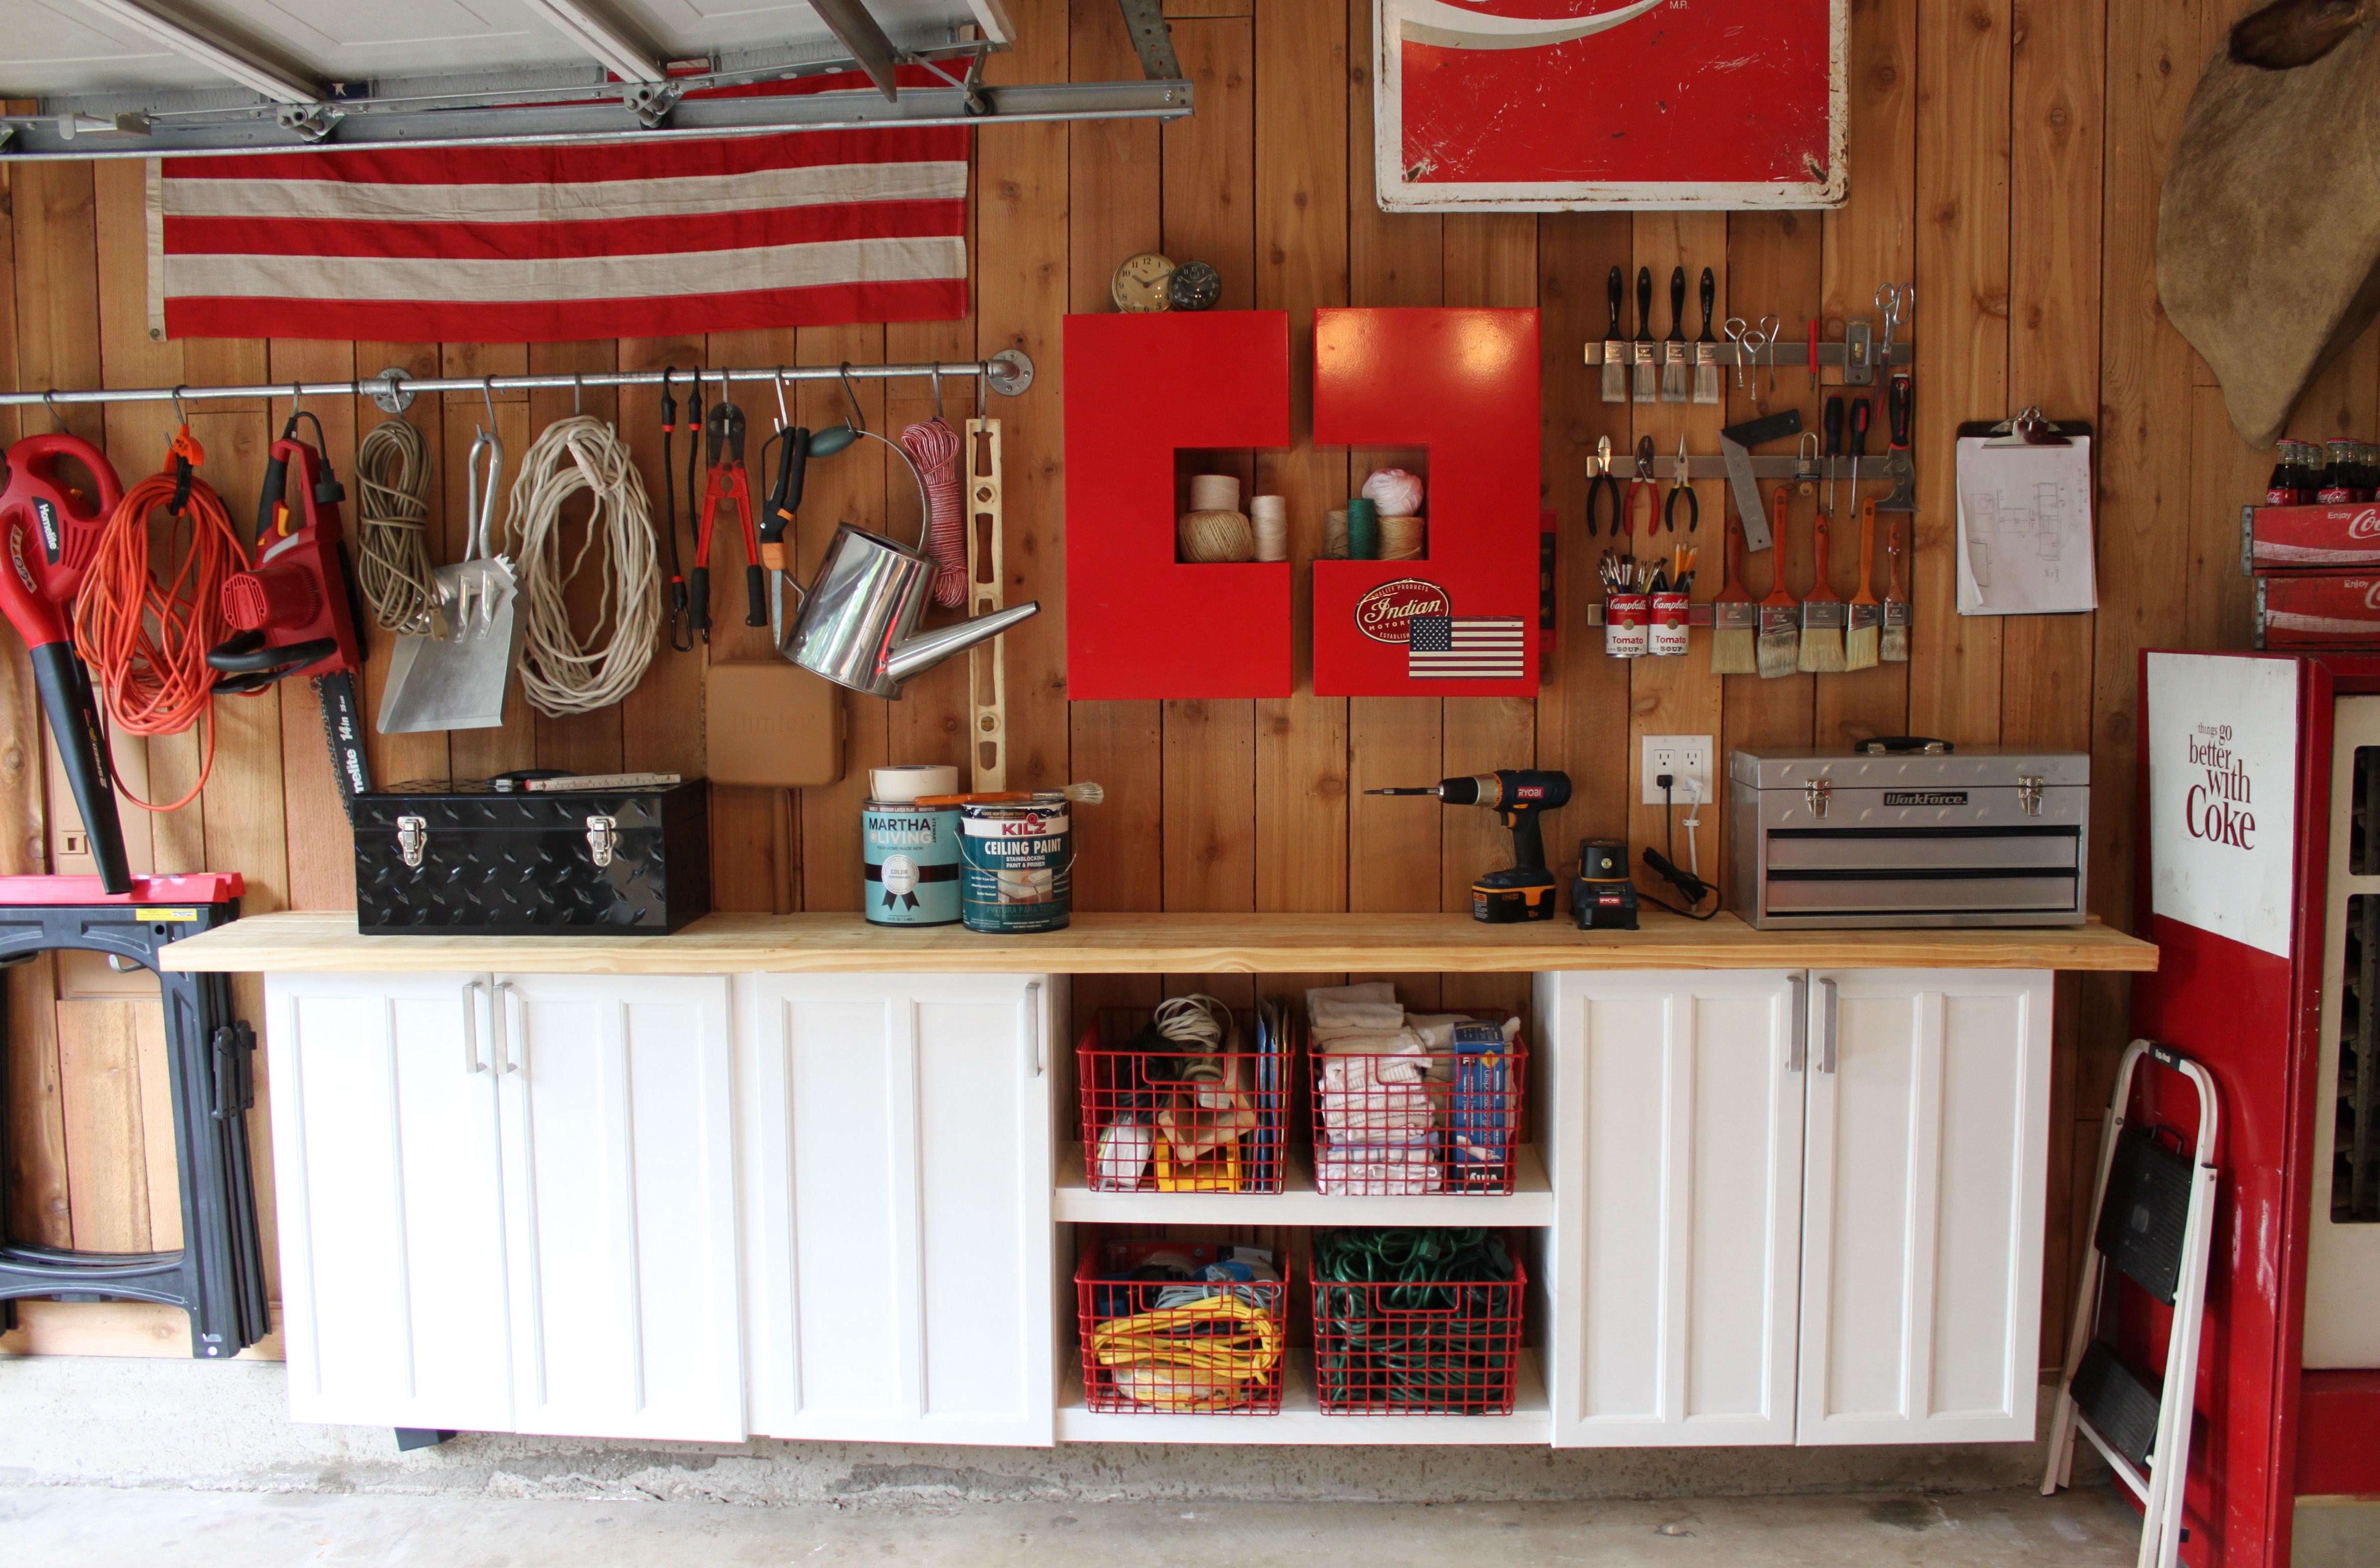 Old kitchen cabinets garage - Here